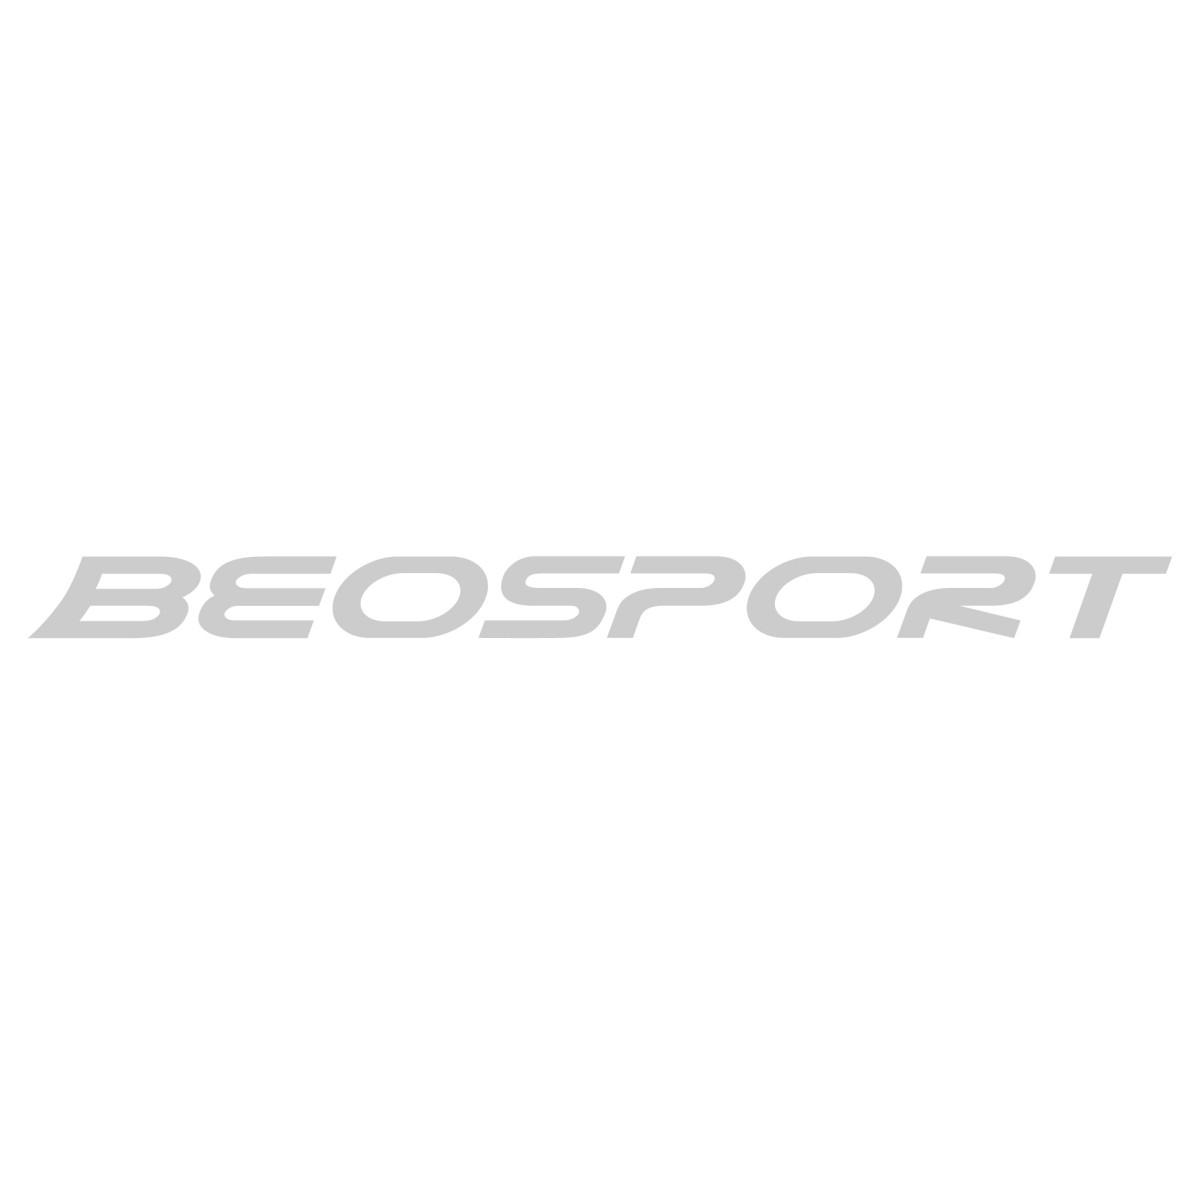 Dune Tan-Leather cipele